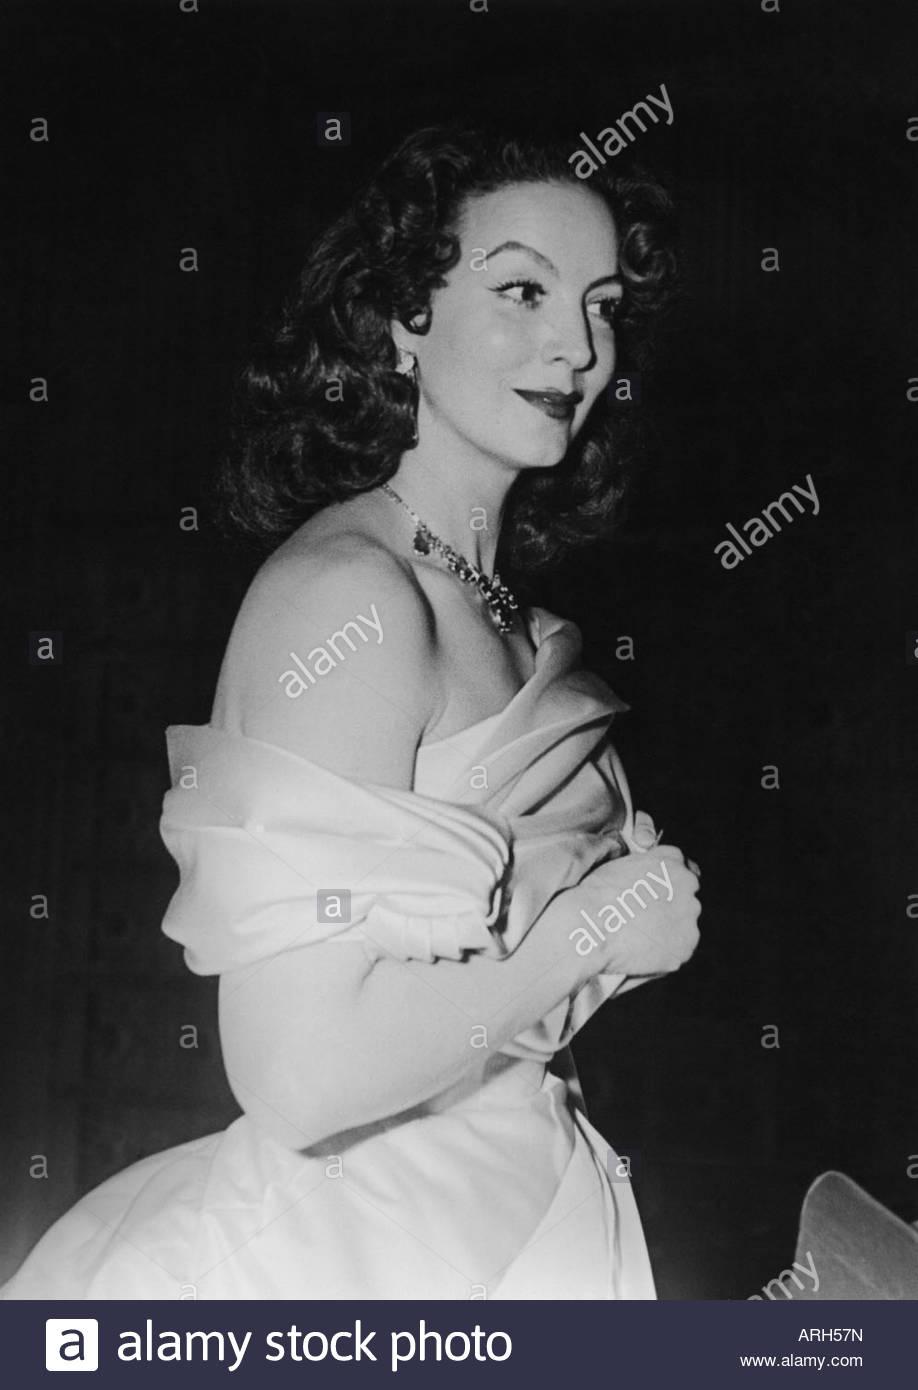 Felix, Maria, 8.4.1914 - 8.4.2002, mexikanische Schauspielerin, halbe Länge, während der Film Premiere, Stockbild